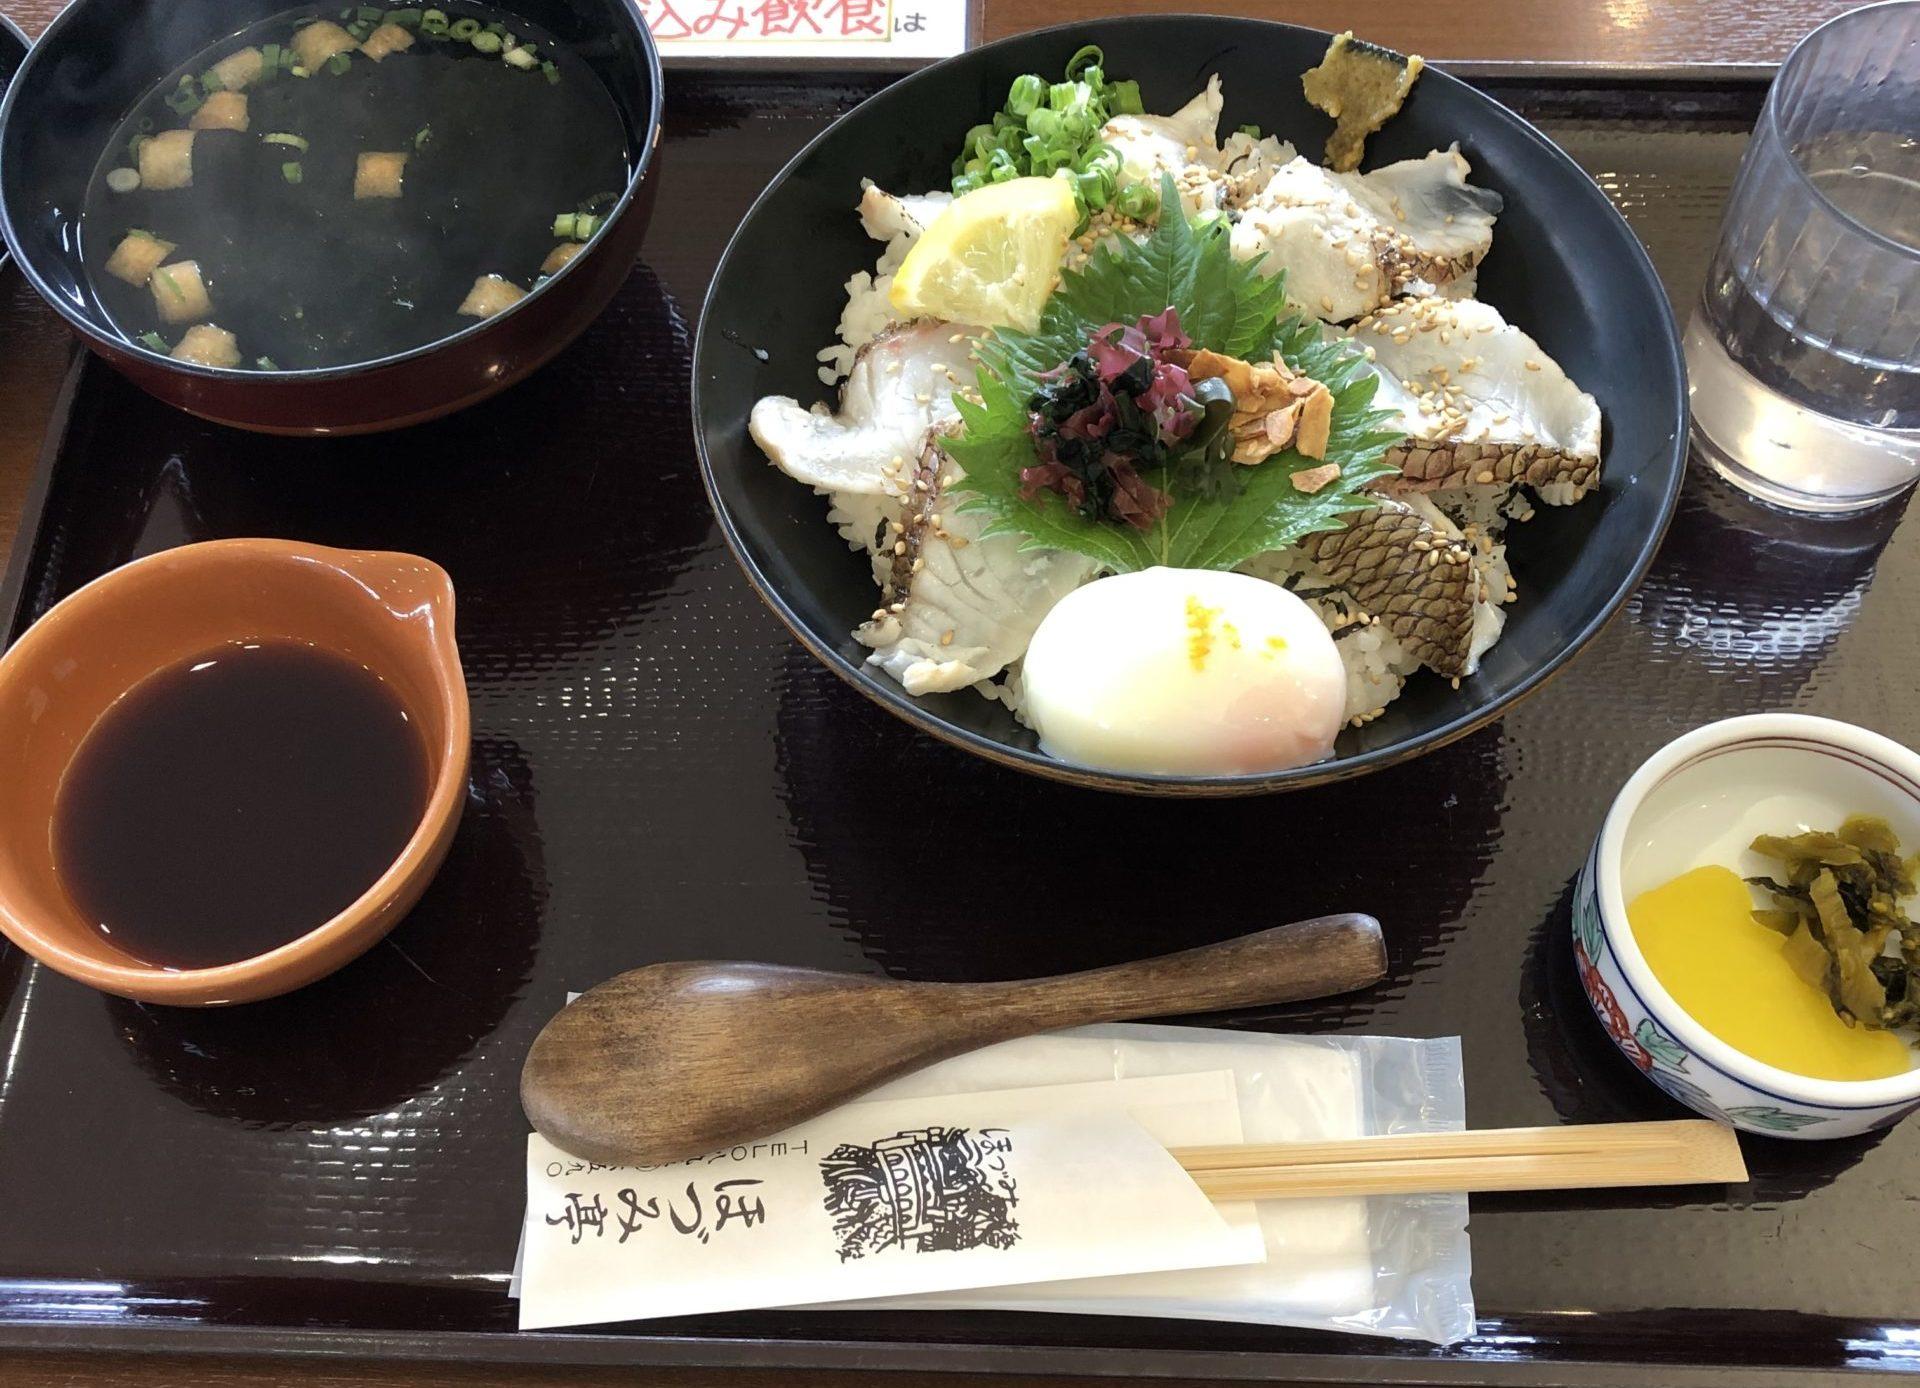 宇和島市で新鮮な真鯛が食べられる!「道の駅・みなとオアシスきさいや広場」で「真鯛炙り丼」を食べてきました!